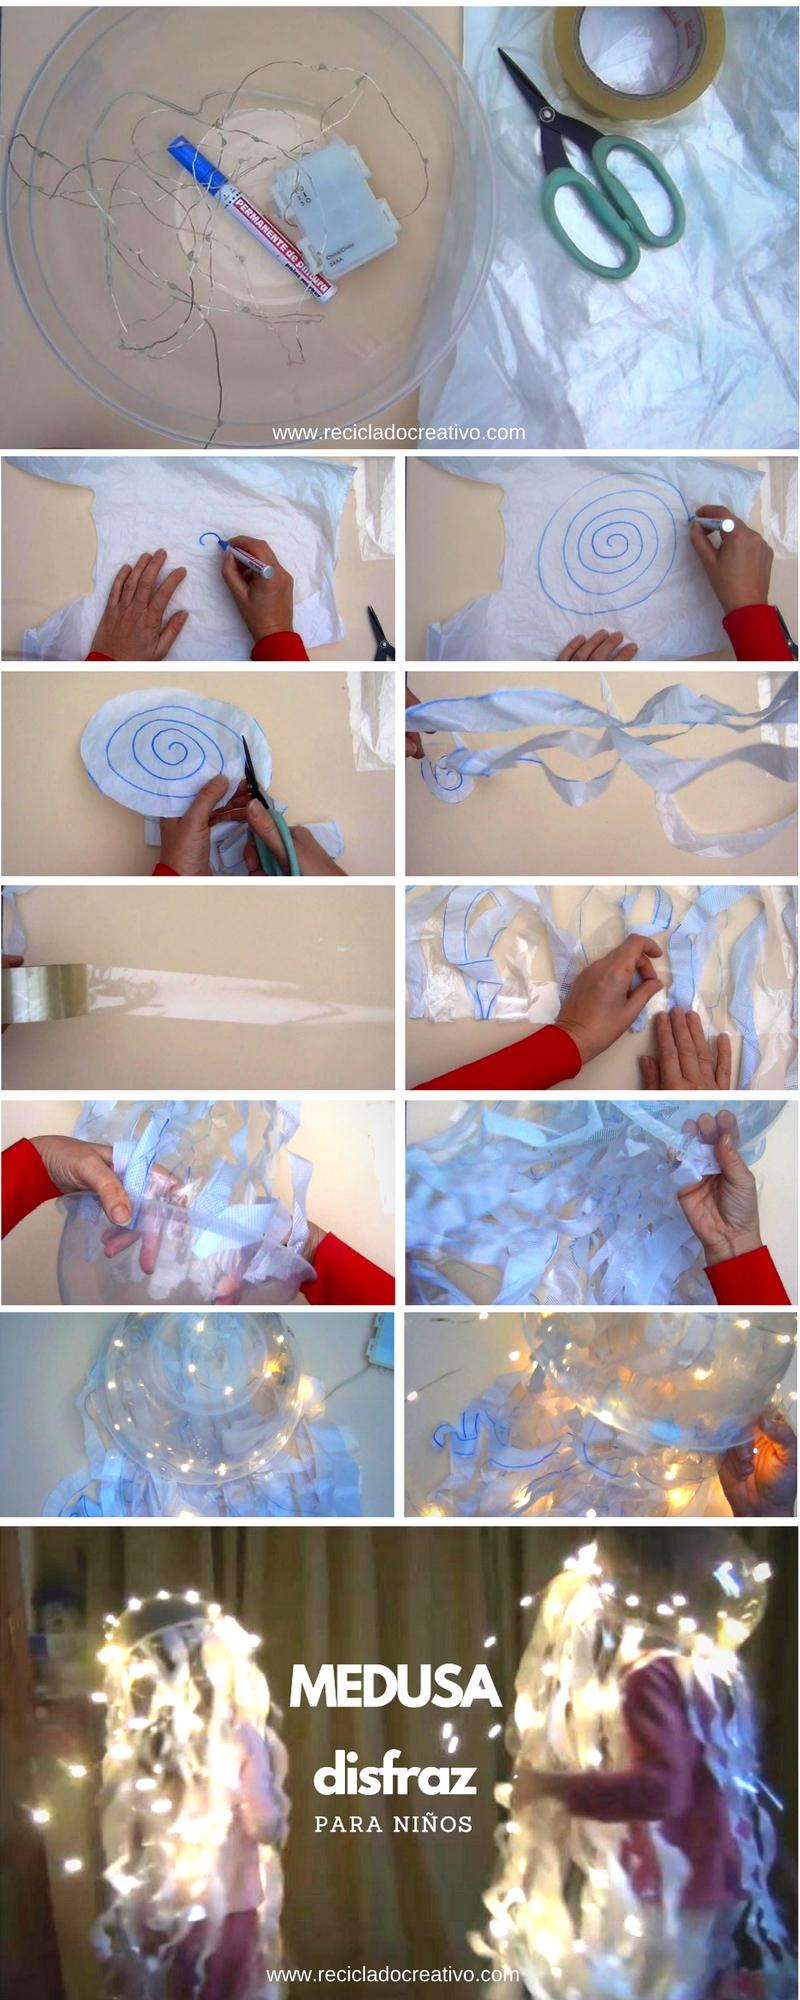 Paso a paso para hacer un disfraz de medusa para niños